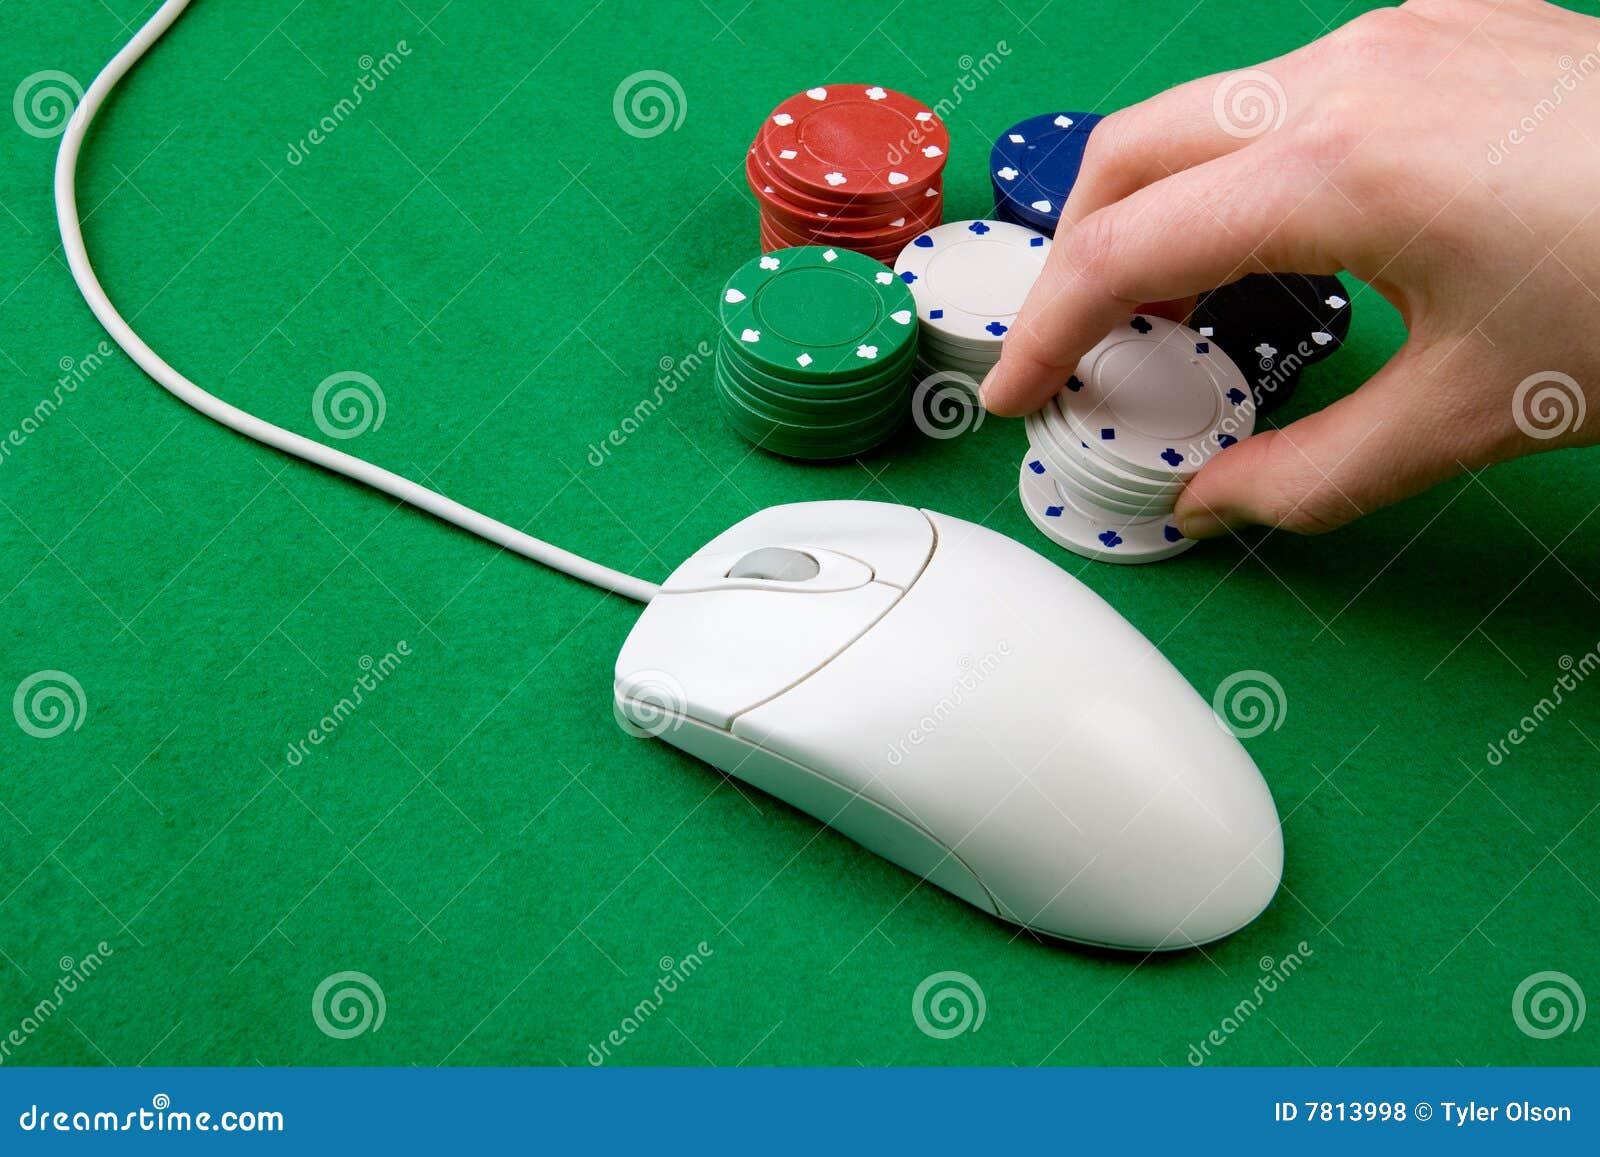 online casino gambling casino holidays